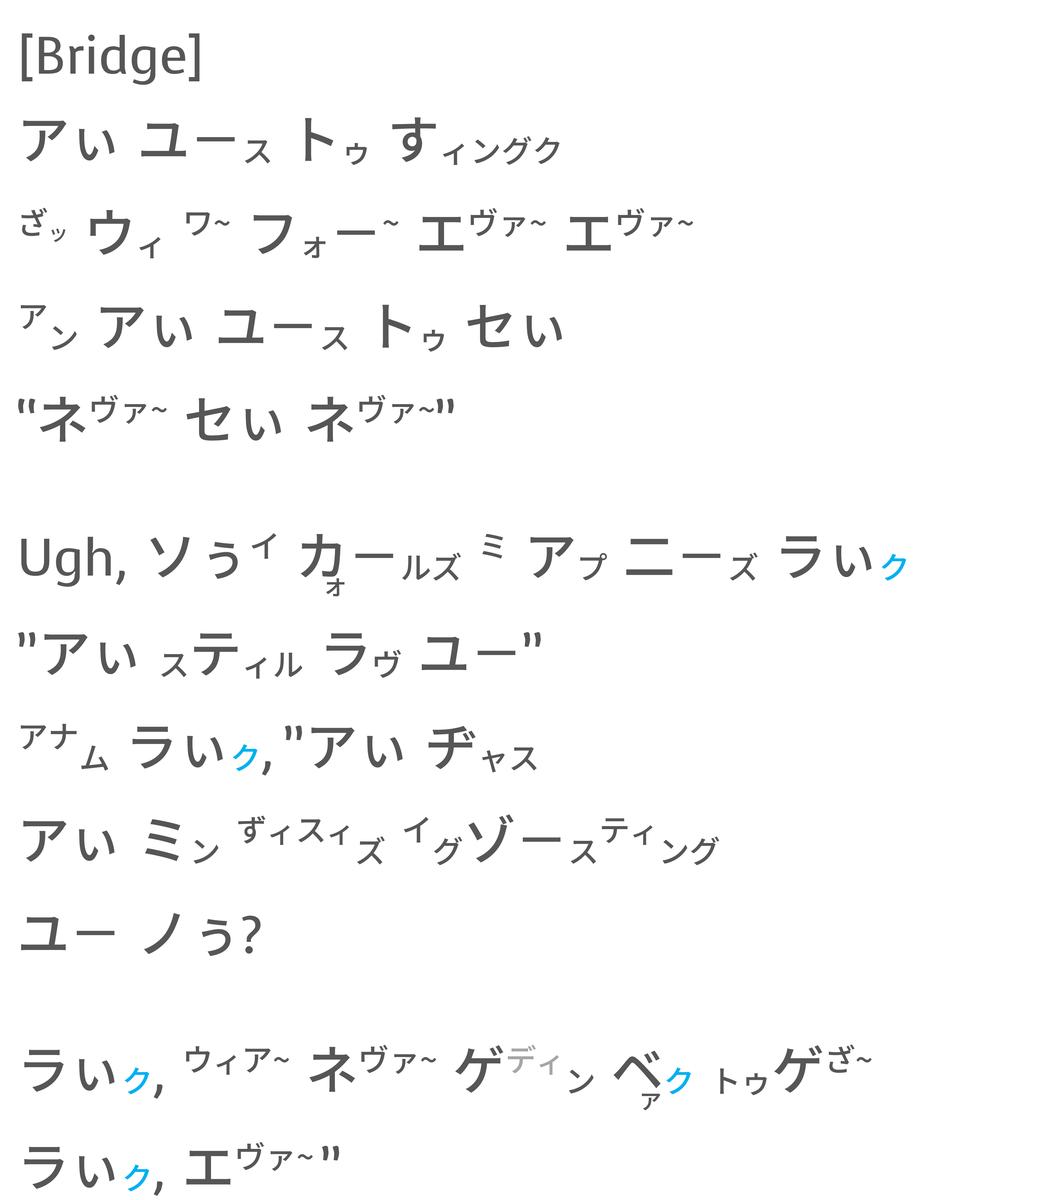 f:id:yakatazushi:20200811161702p:plain